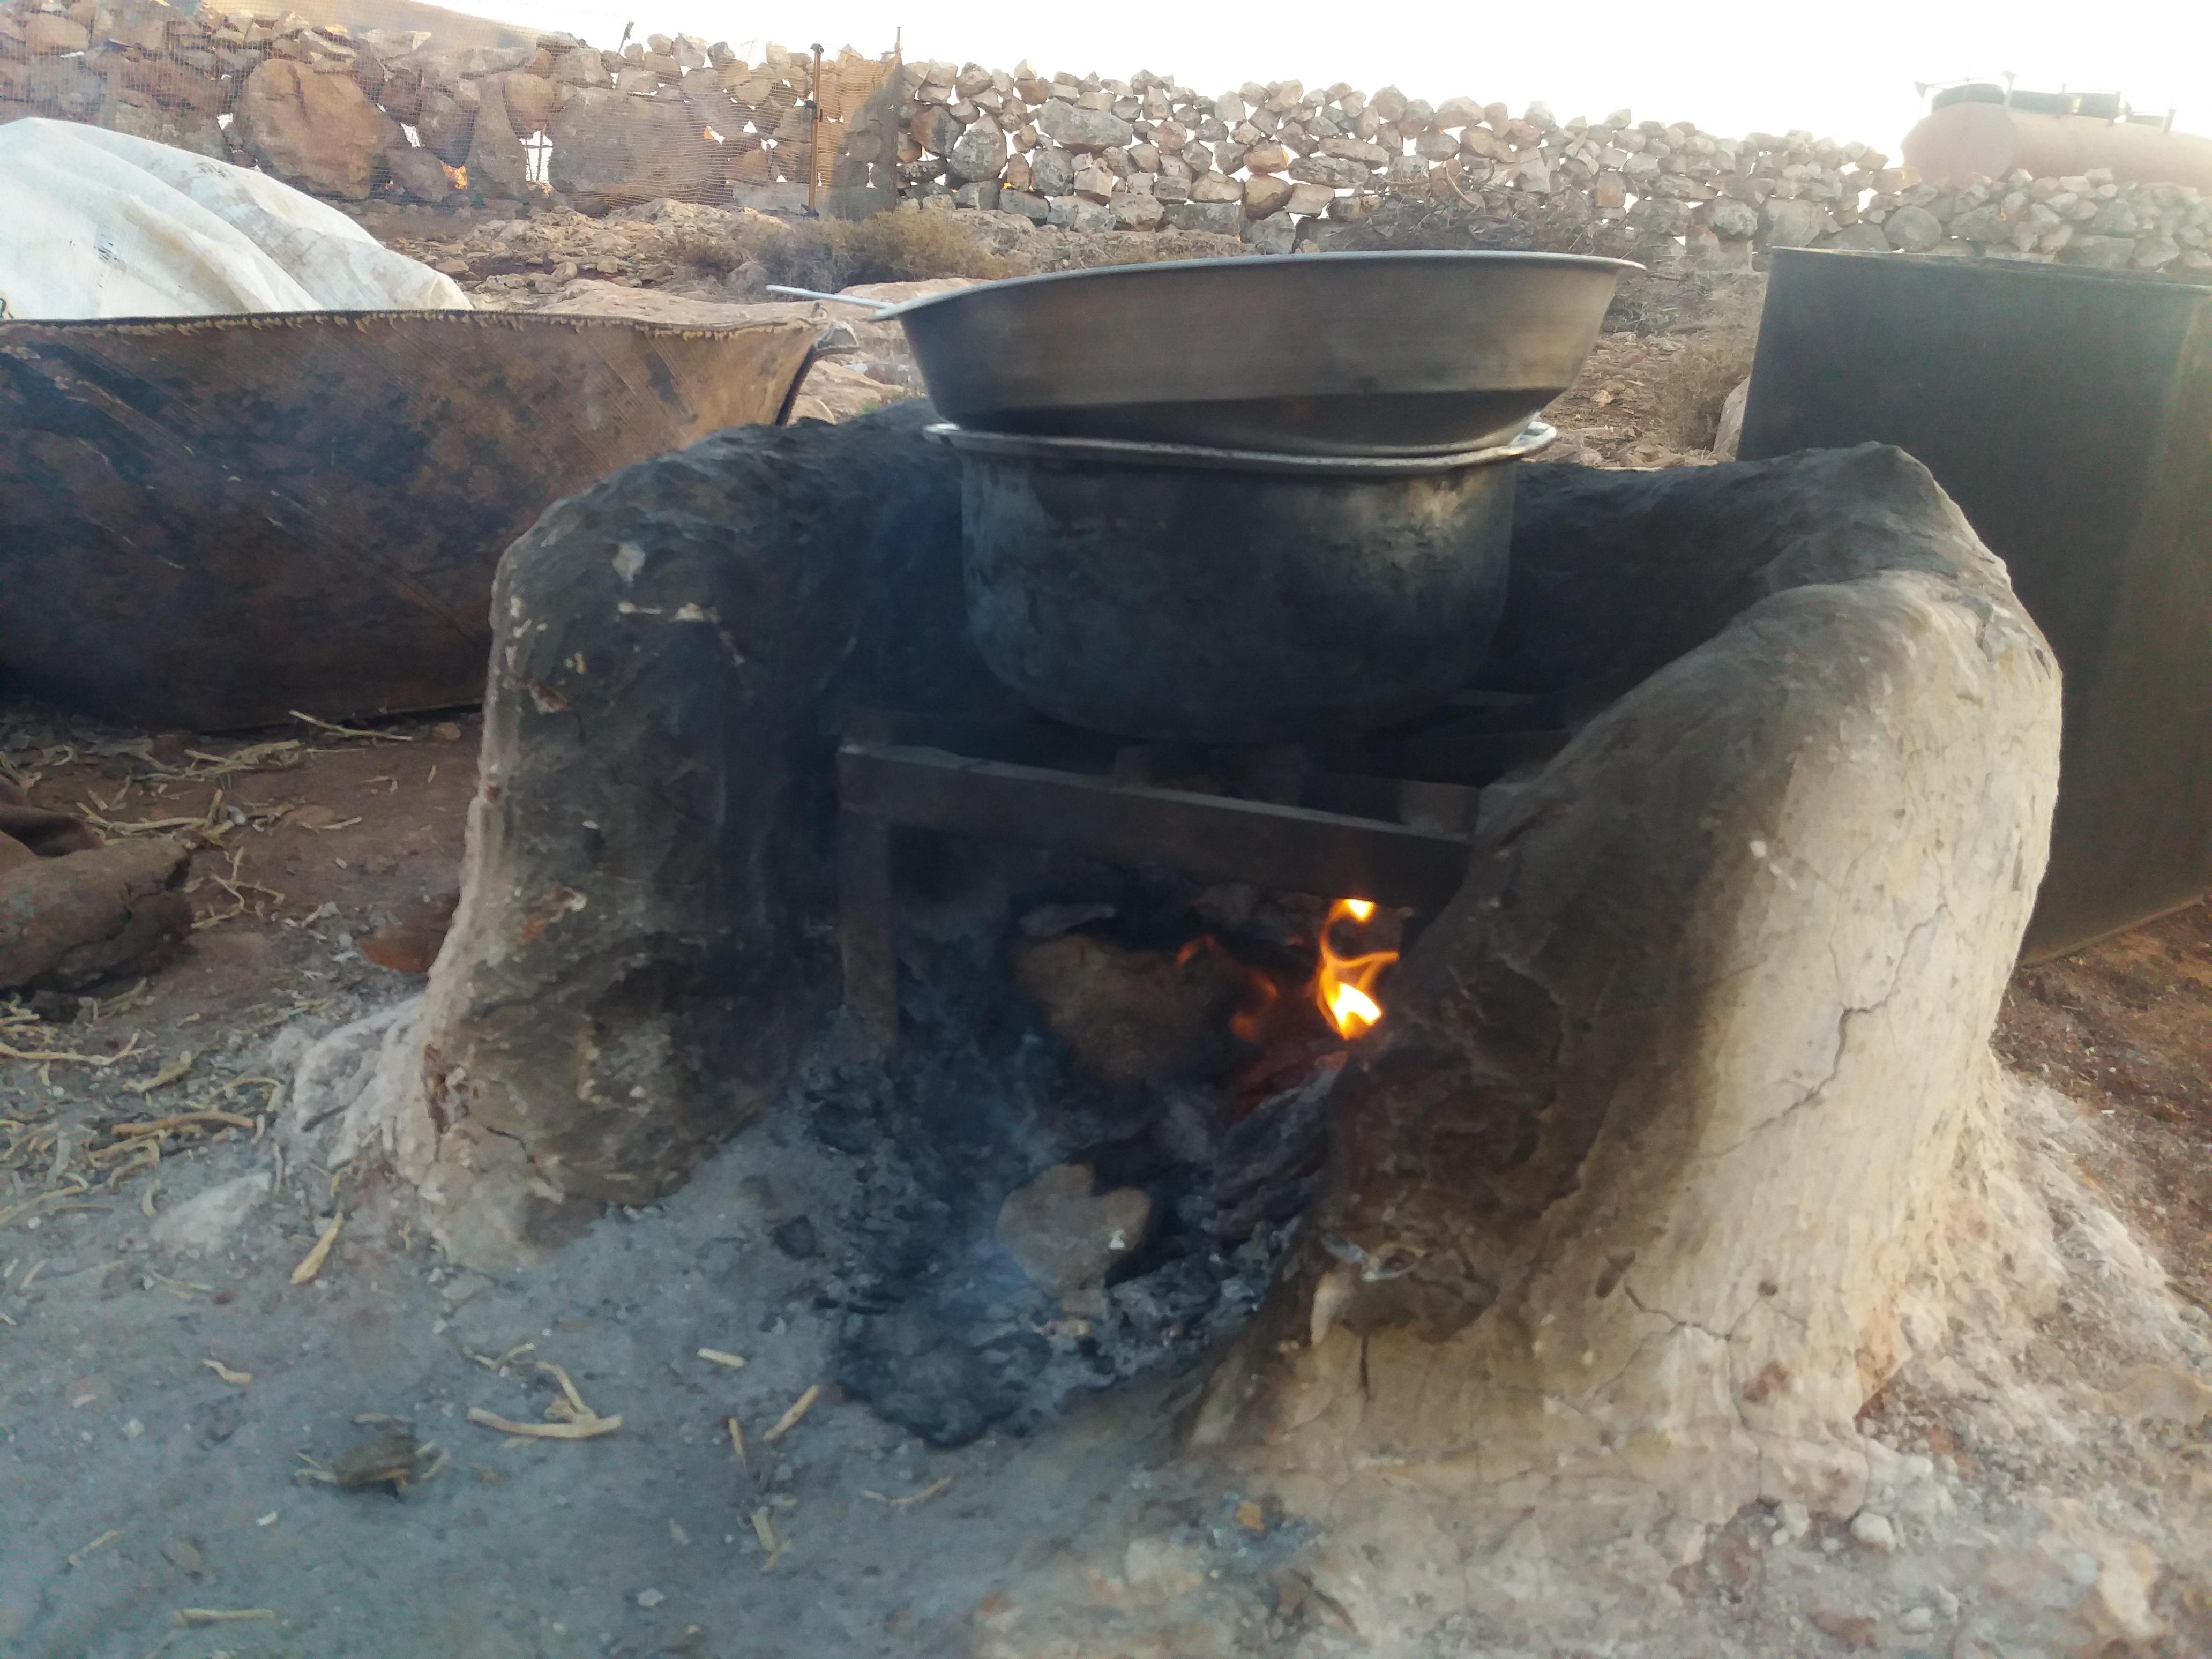 الموقد الذي يستخدمه البدو في الطهي -فوكس حلب